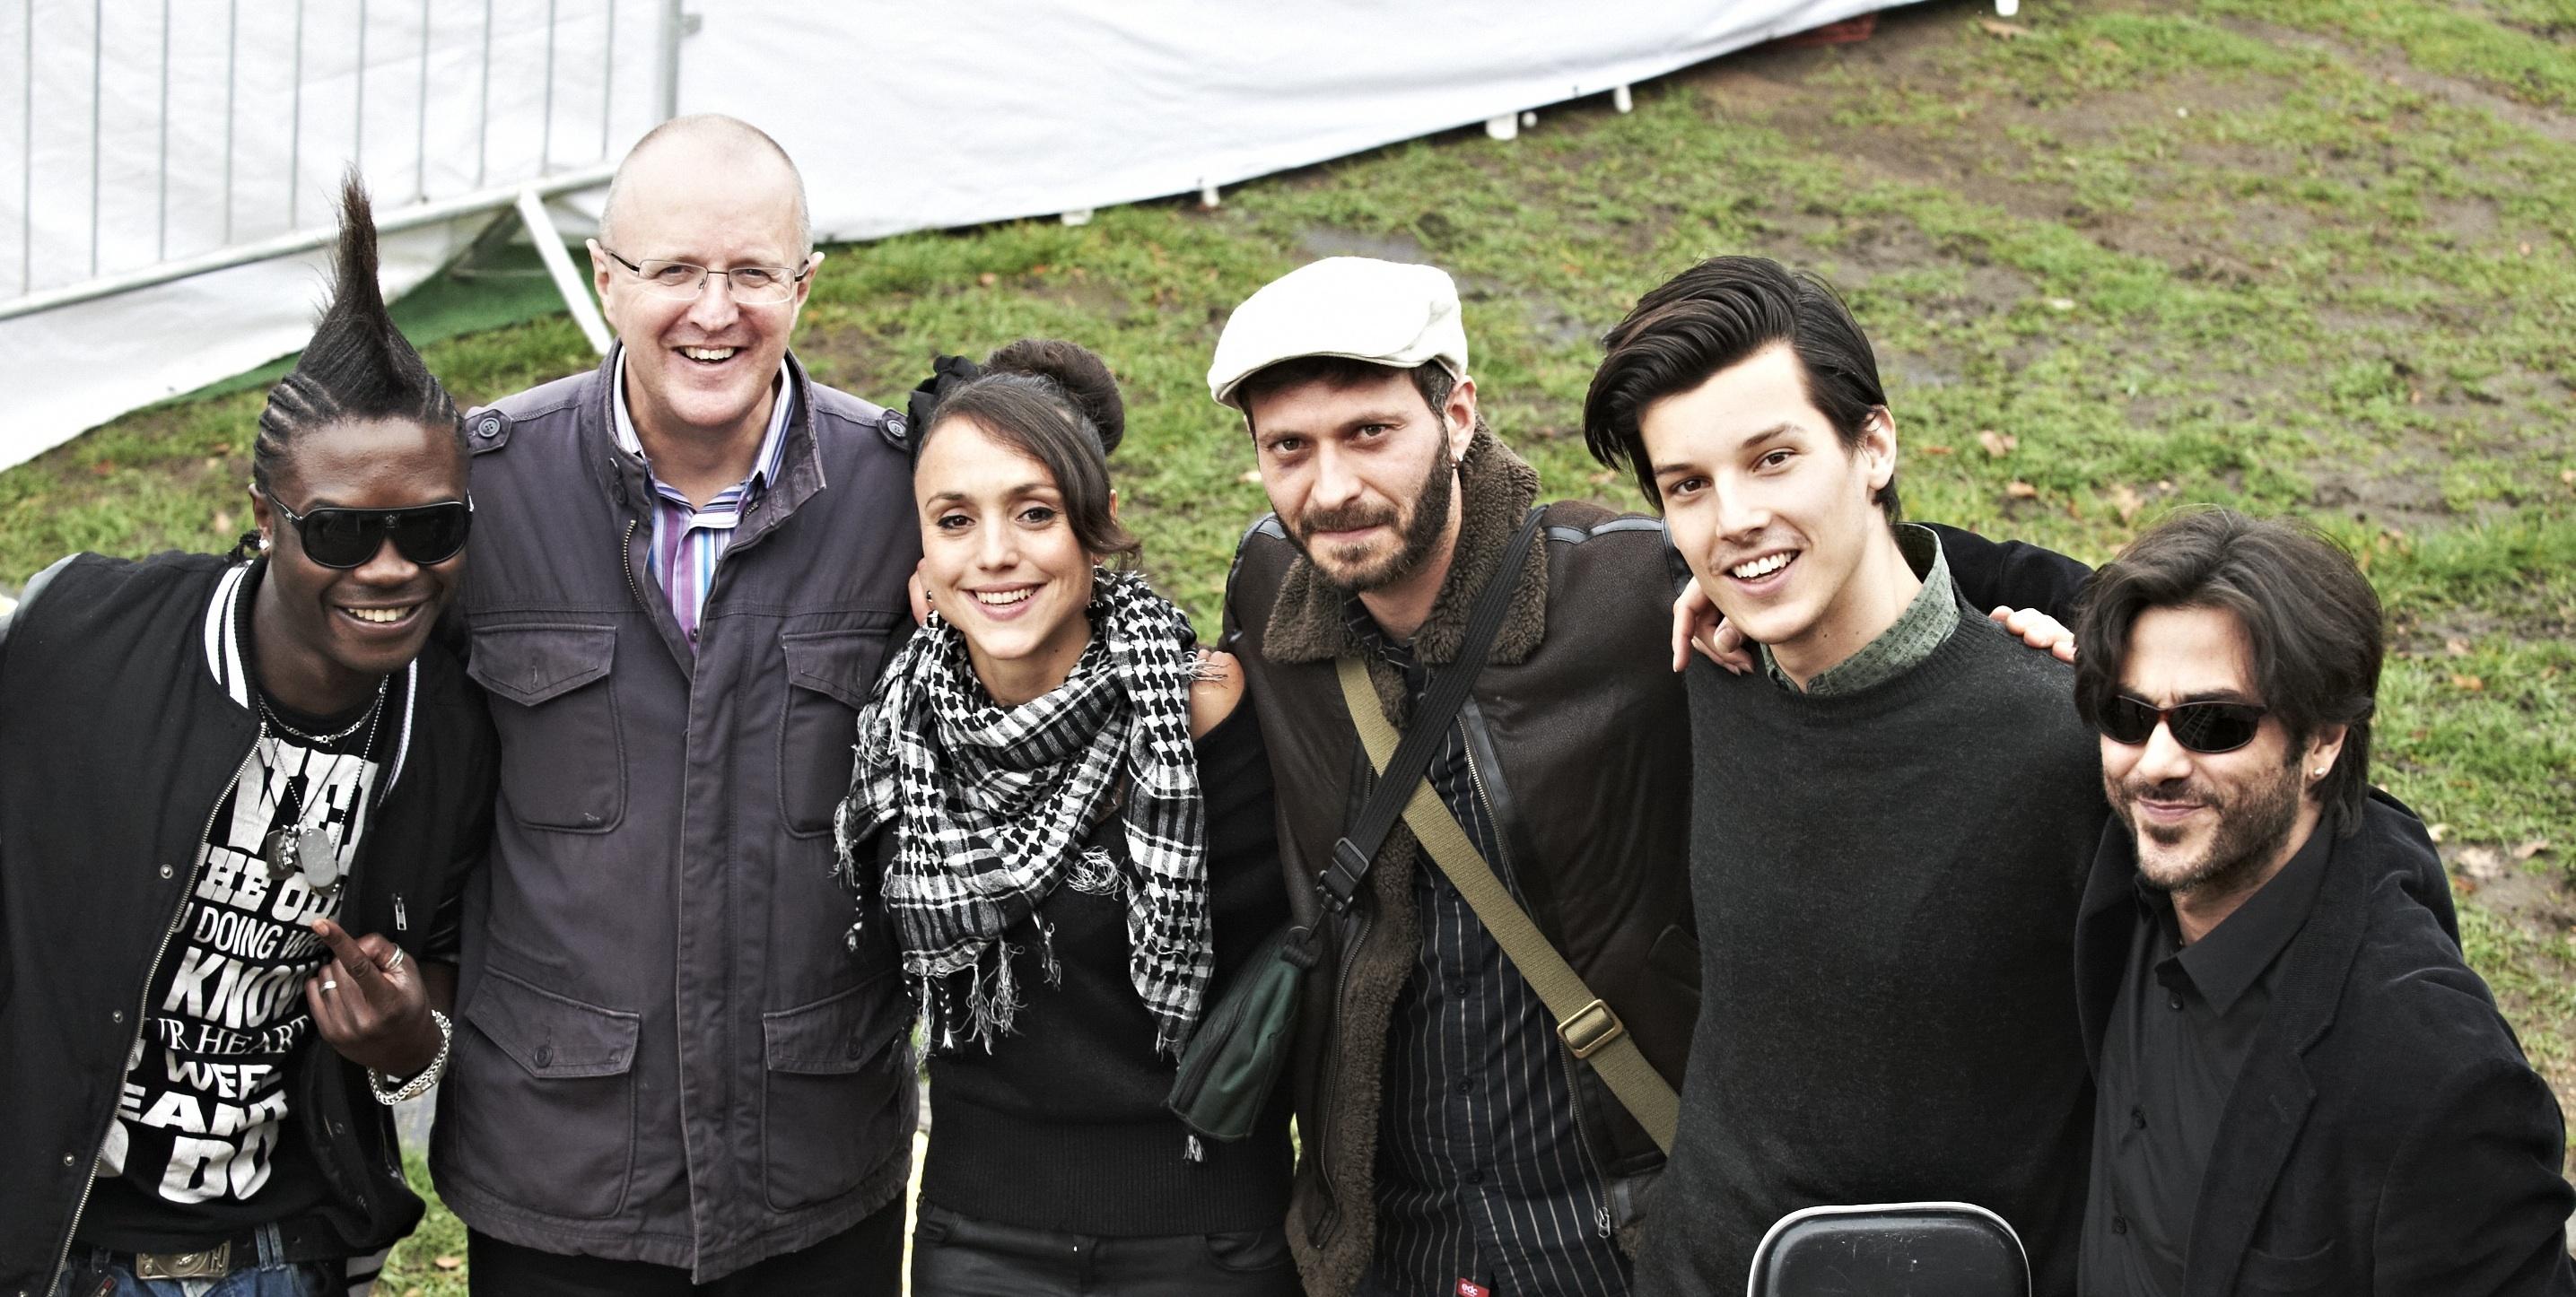 surianne's crew in hyde park